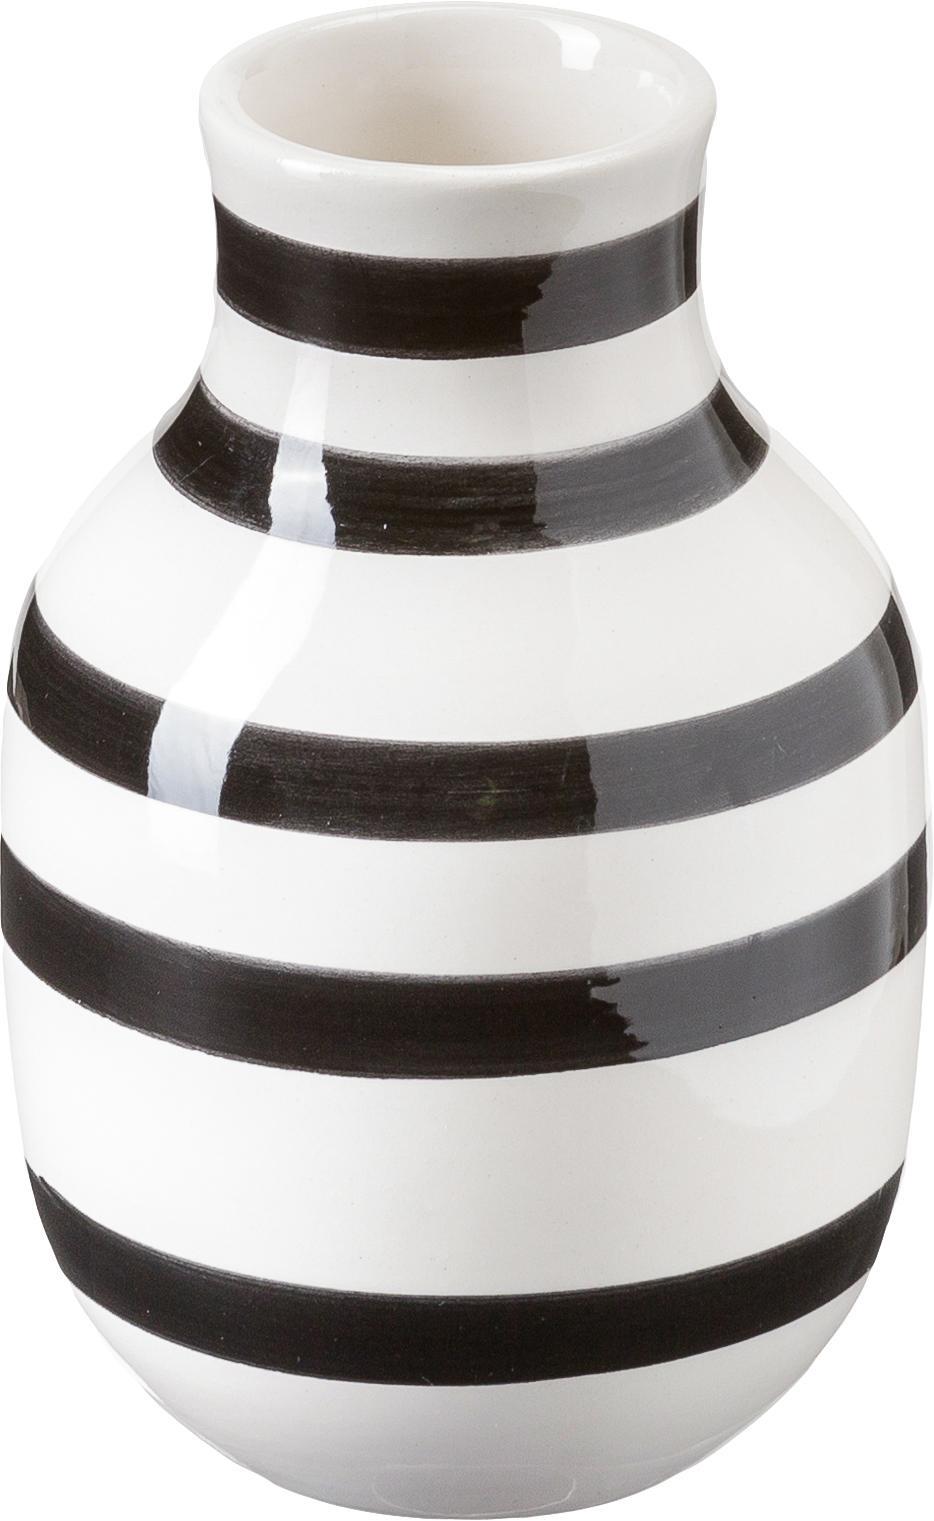 Kleine handgefertigte Design-Vase Omaggio, Keramik, Schwarz, Weiss, Ø 8 x H 13 cm